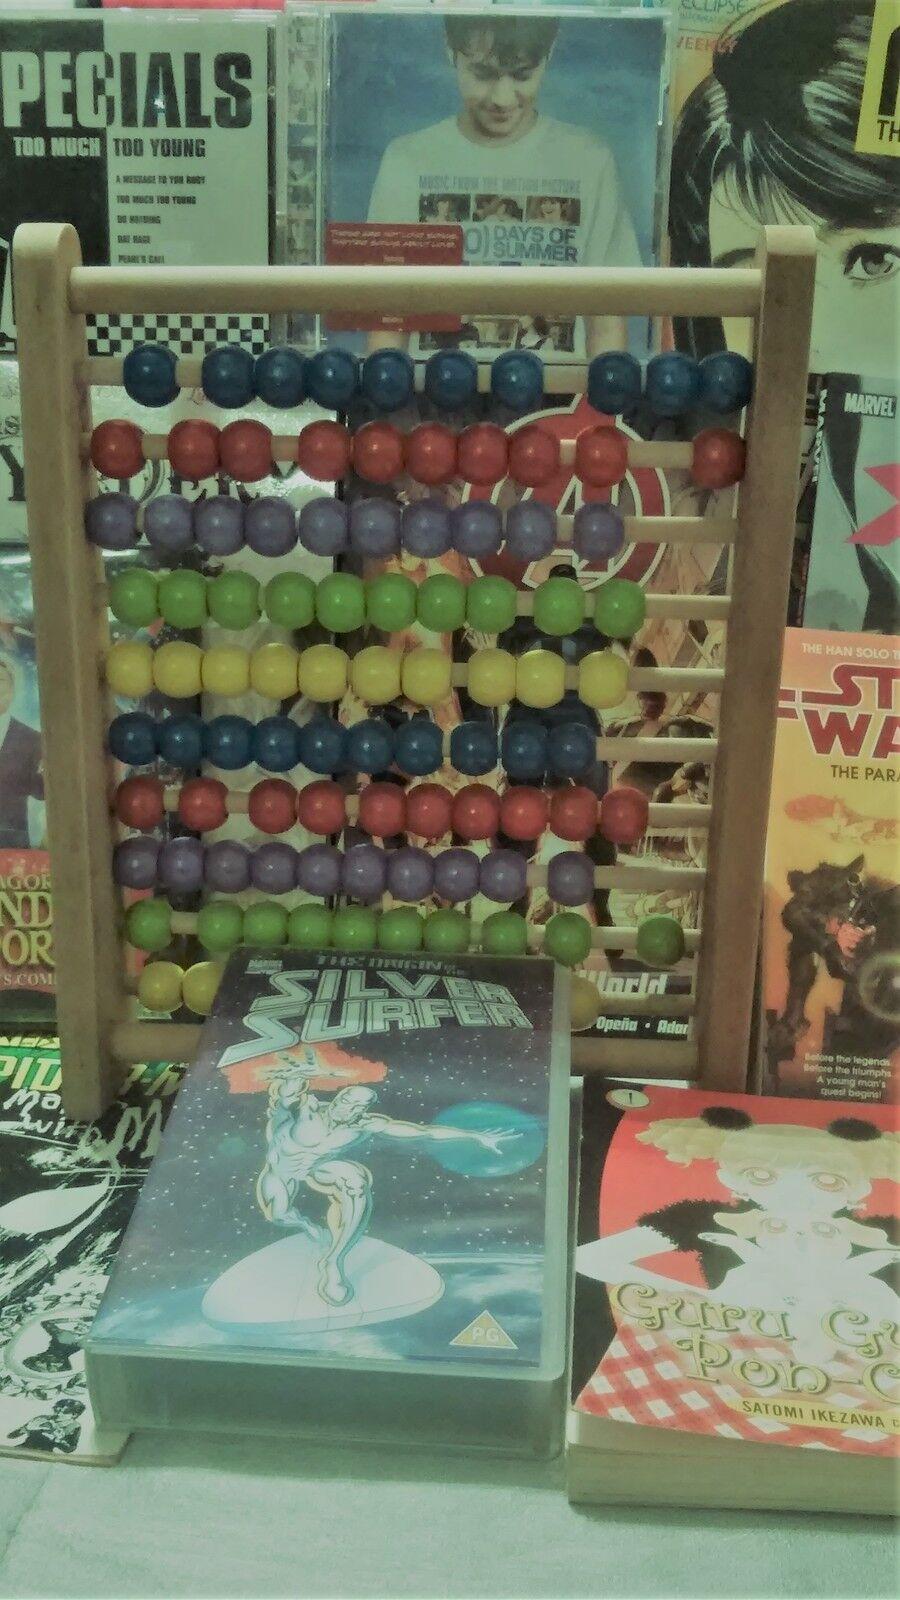 Pert Abacus Comics and Stuff